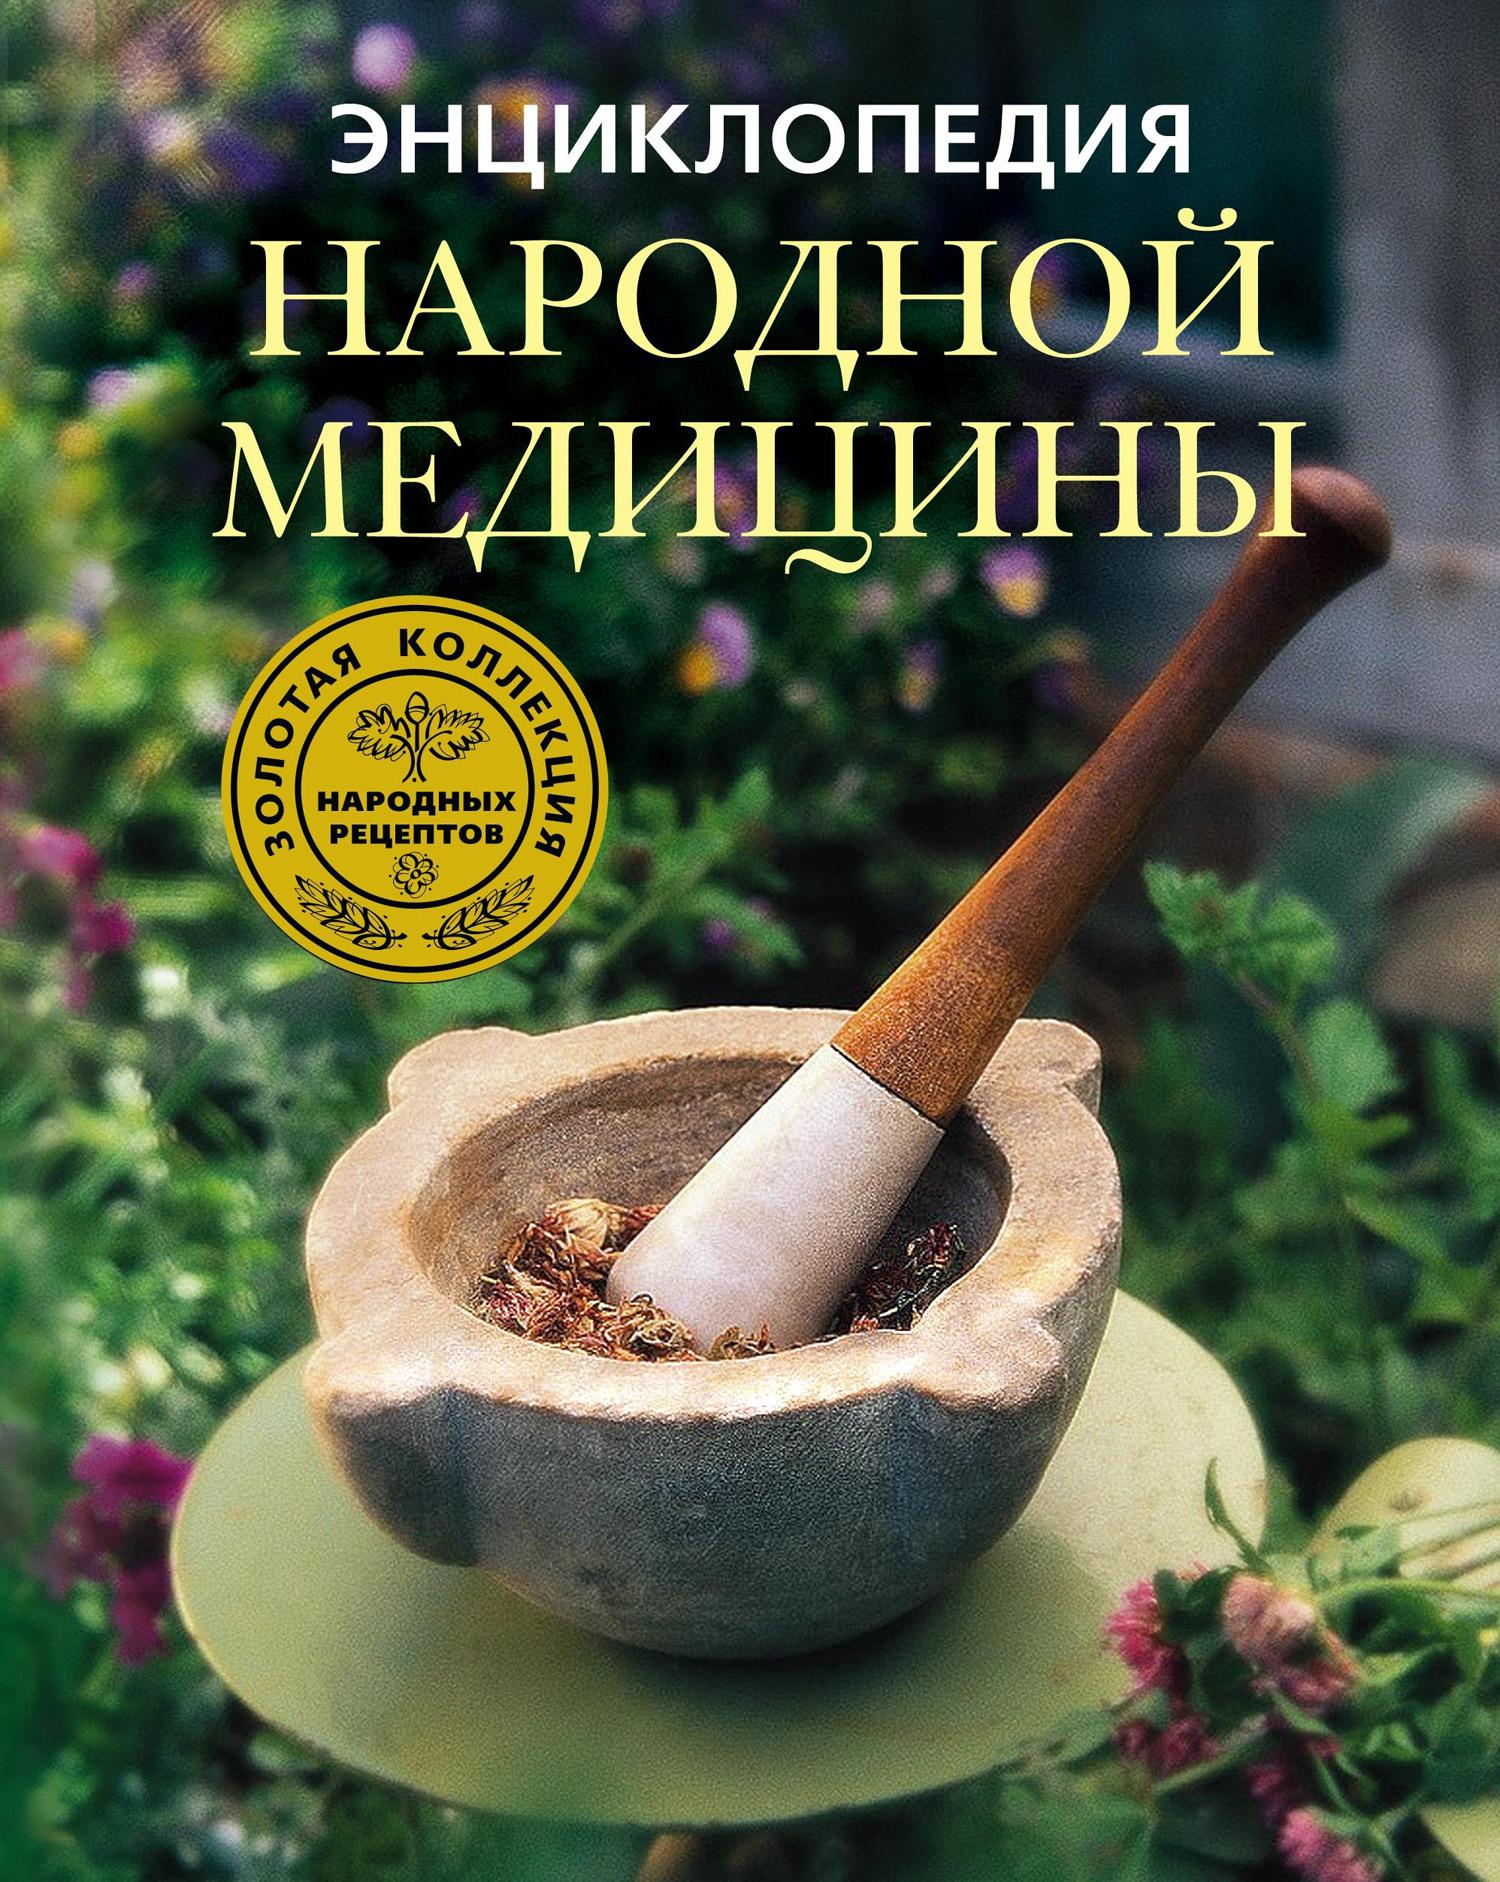 Отсутствует Энциклопедия народной медицины. Золотая коллекция народных рецептов